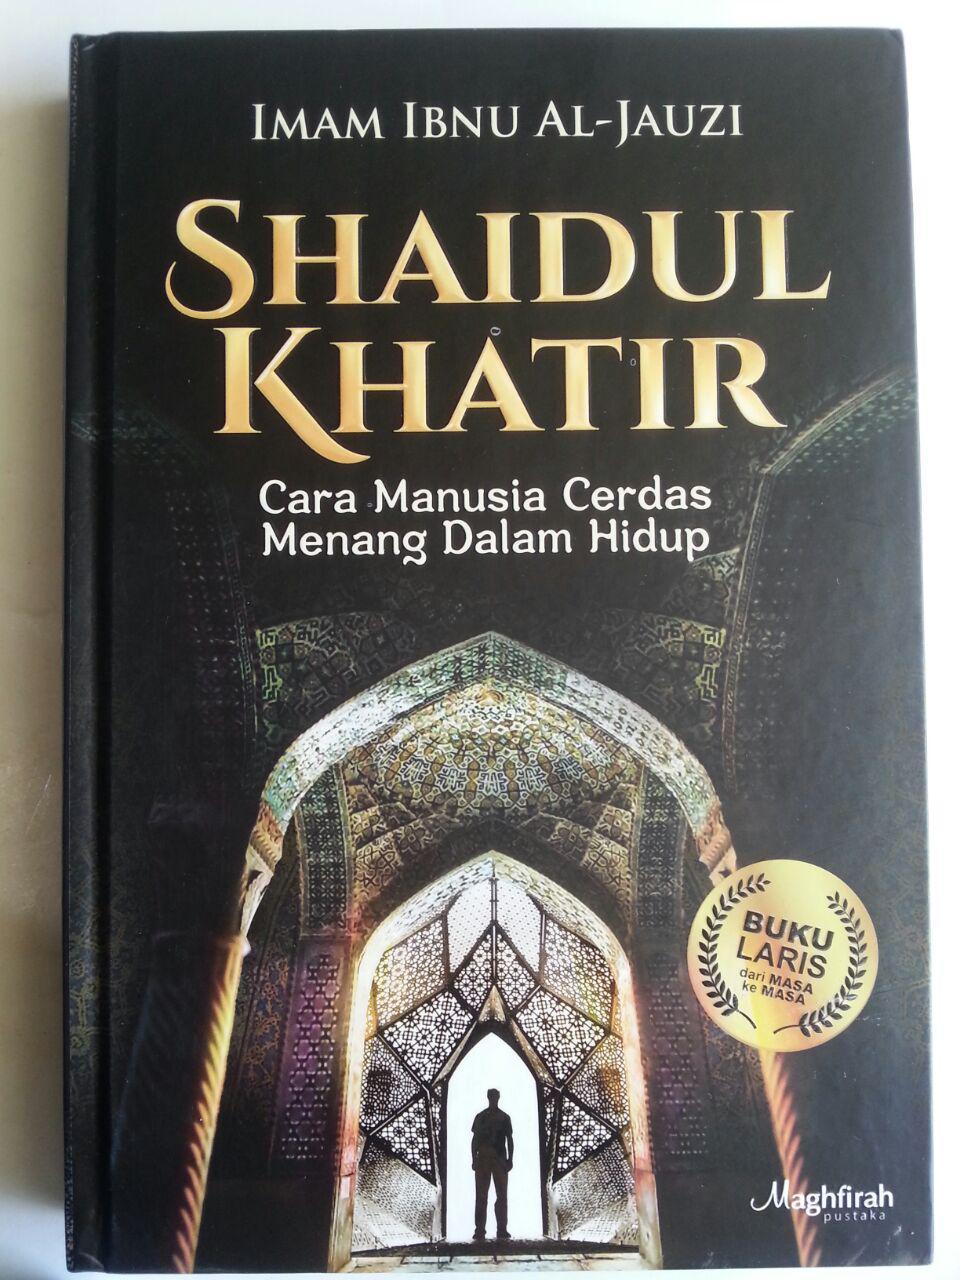 Buku Shaidul Khatir Cara Manusia Cerdas Menang Dalam Hidup cover 2